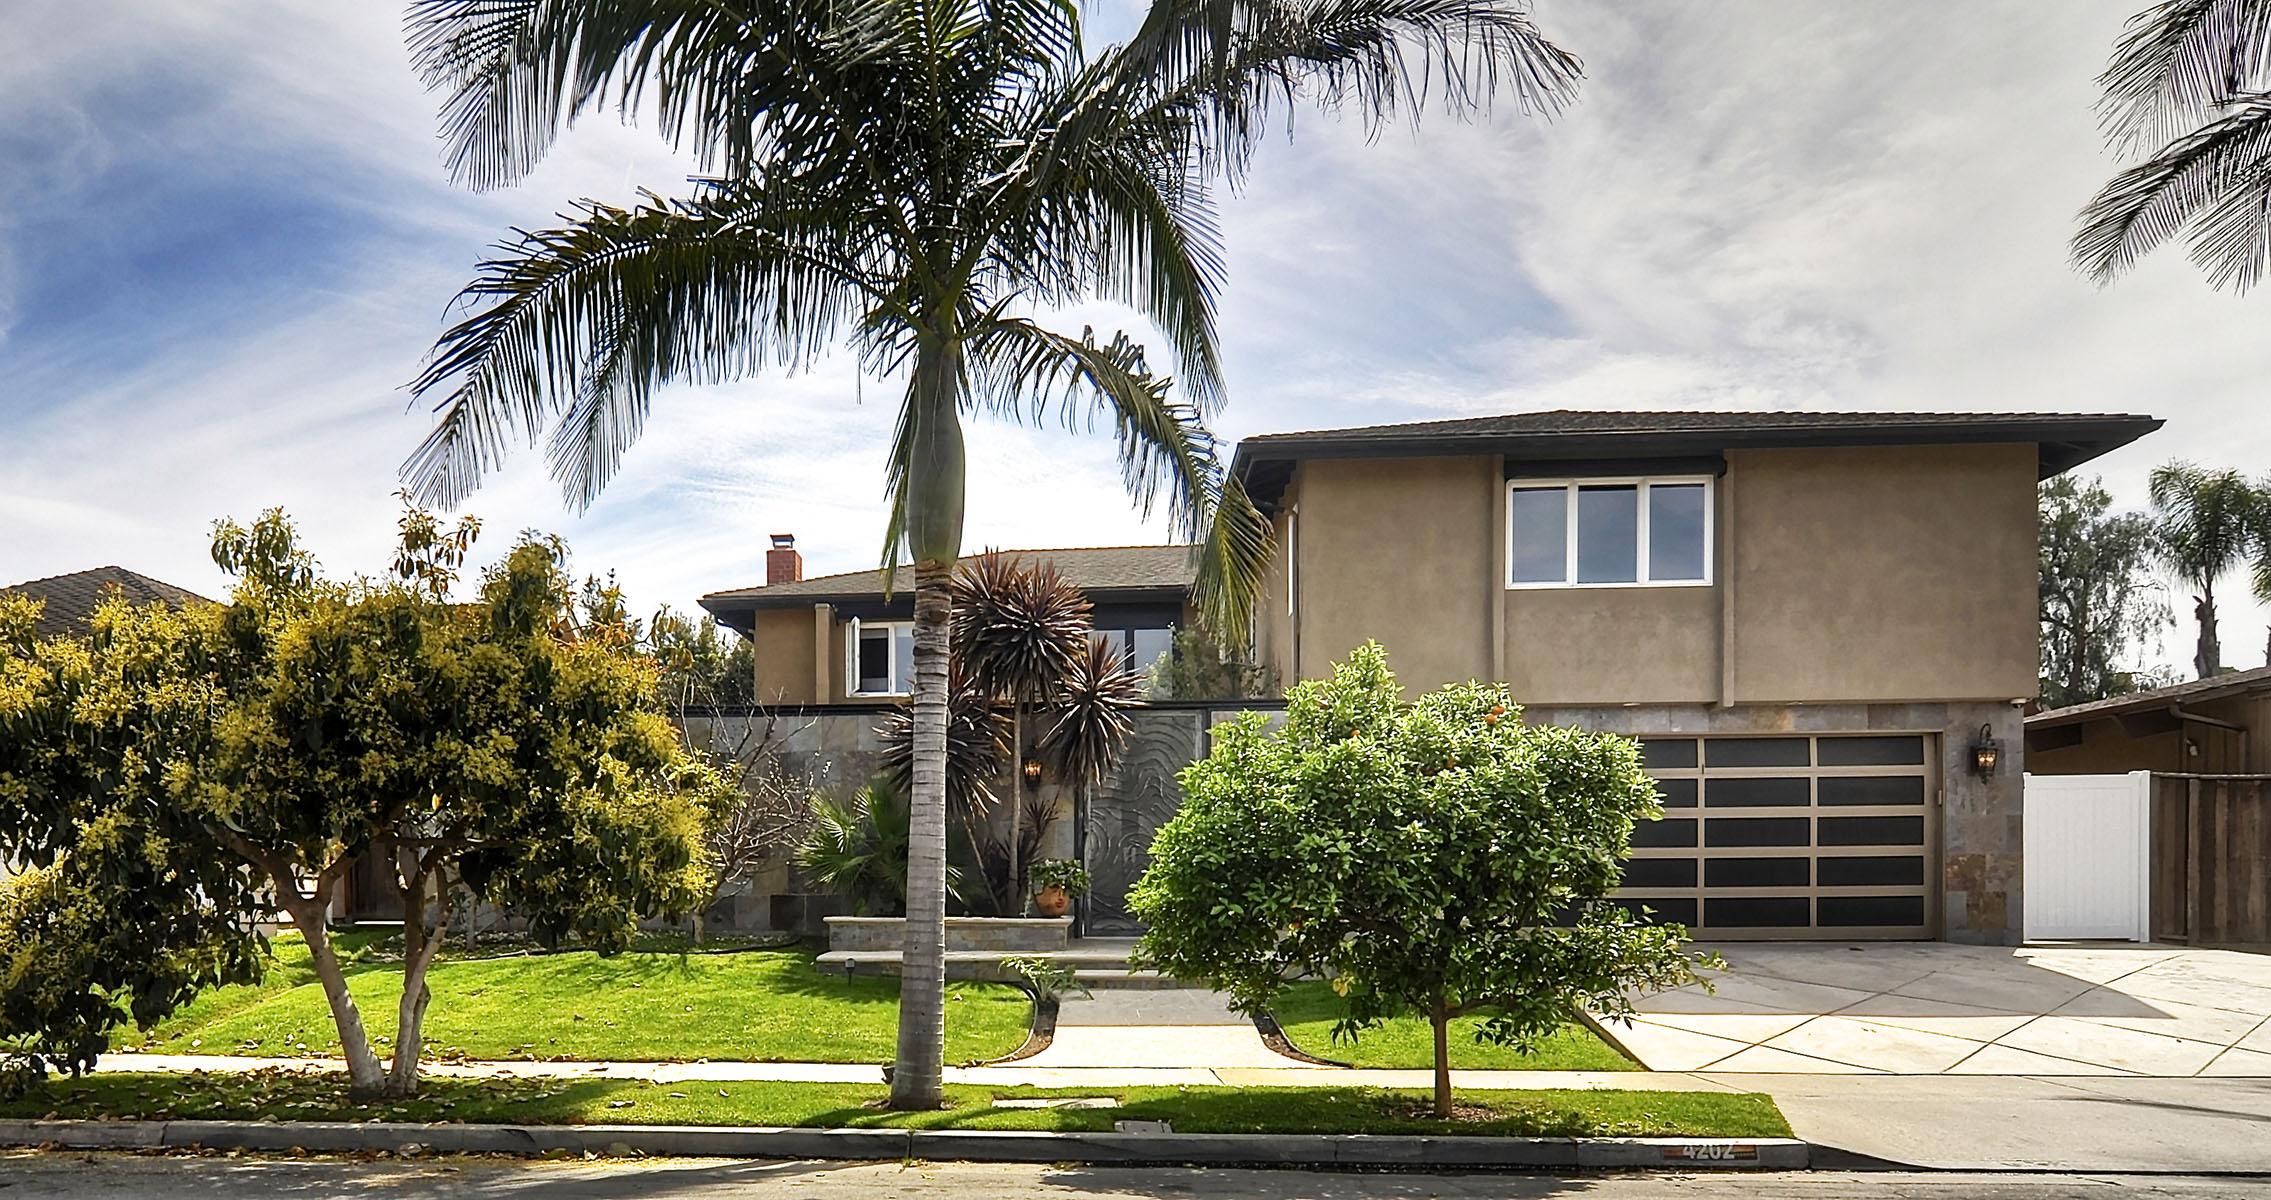 Casa Unifamiliar por un Venta en 4202 Silliman Dr Huntington Beach, California 92649 Estados Unidos